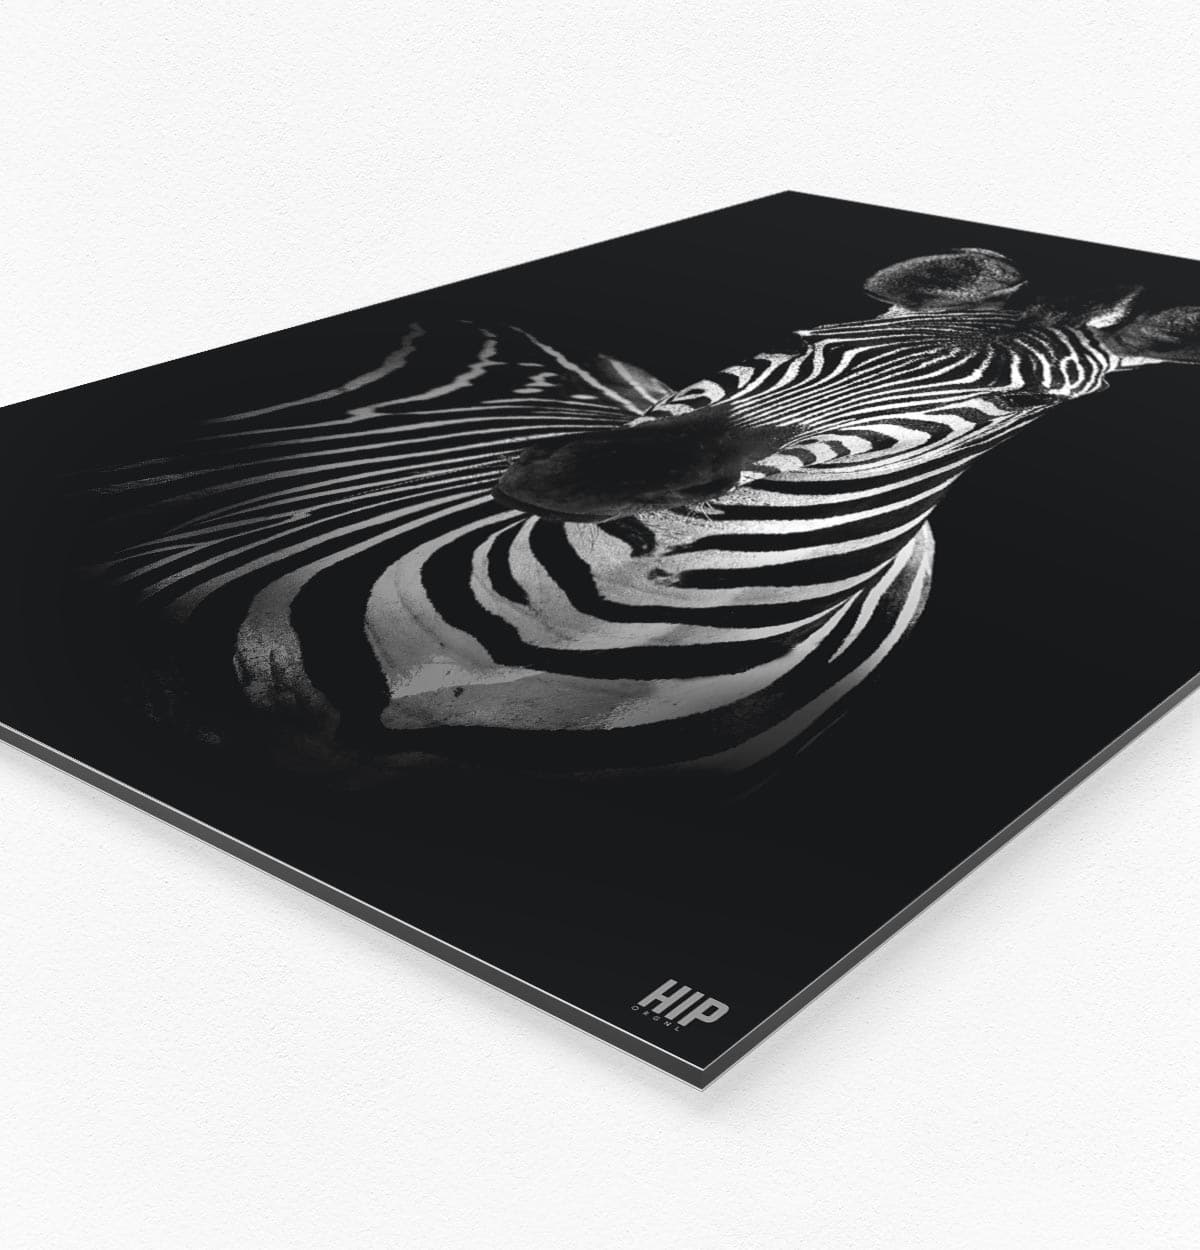 Wanddecoratie Schilderij Zebra